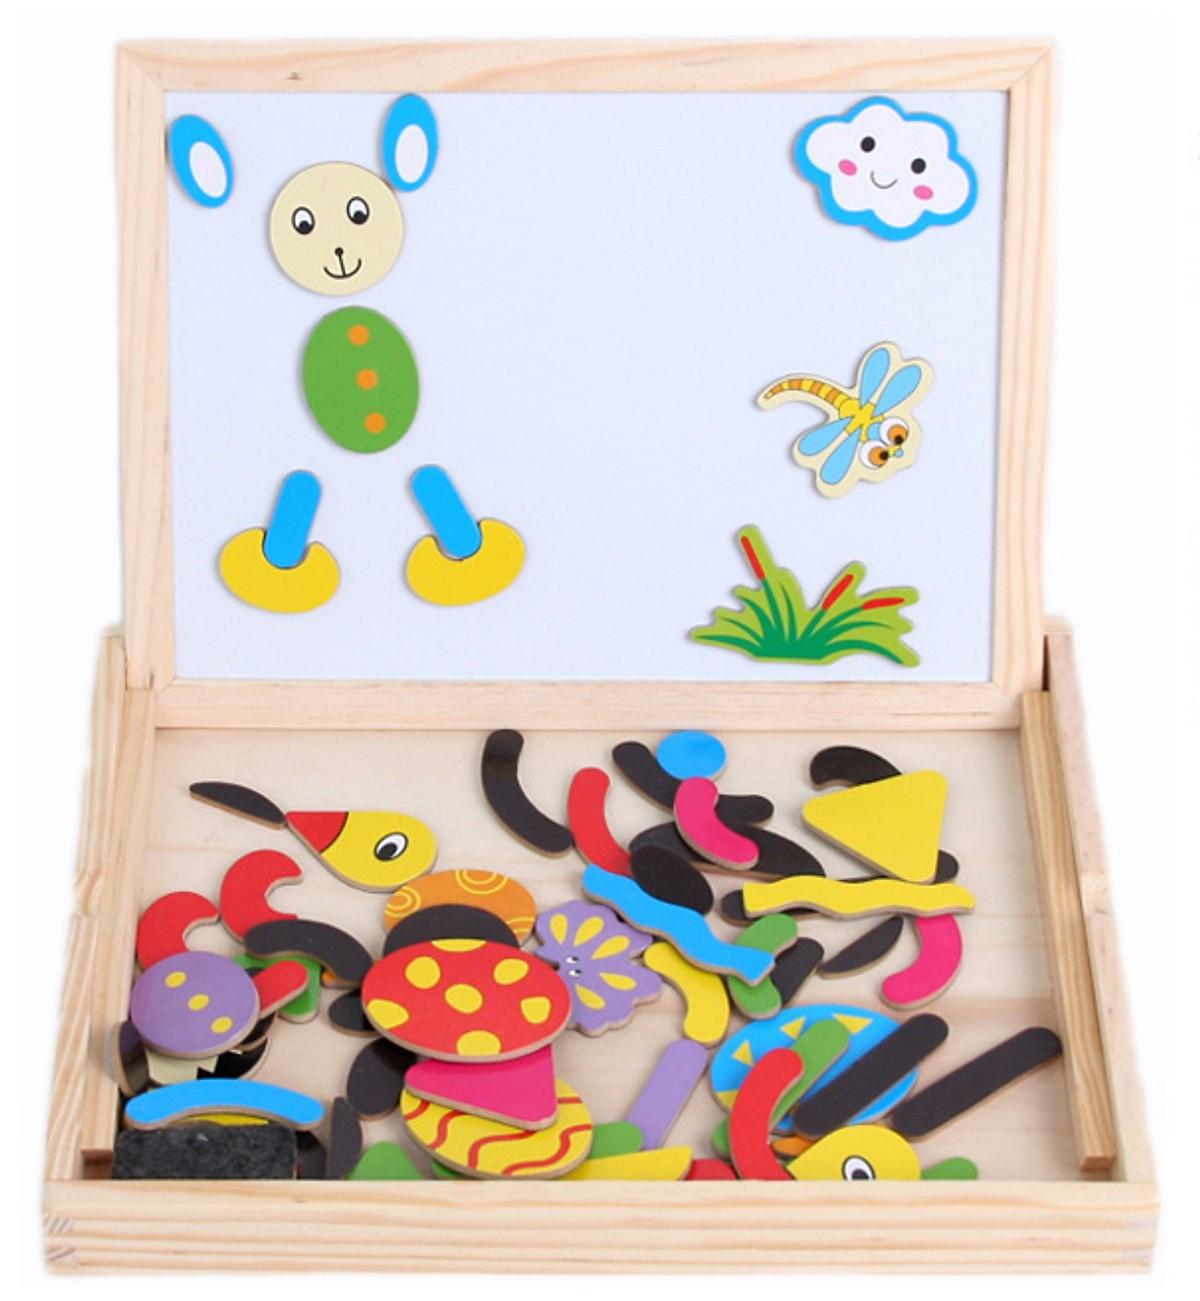 Đồ chơi gỗ trí tuệ MK - Combo đồng hồ King Kong và bảng tranh ghép nam châm ( mẫu ngẫu nhiên)